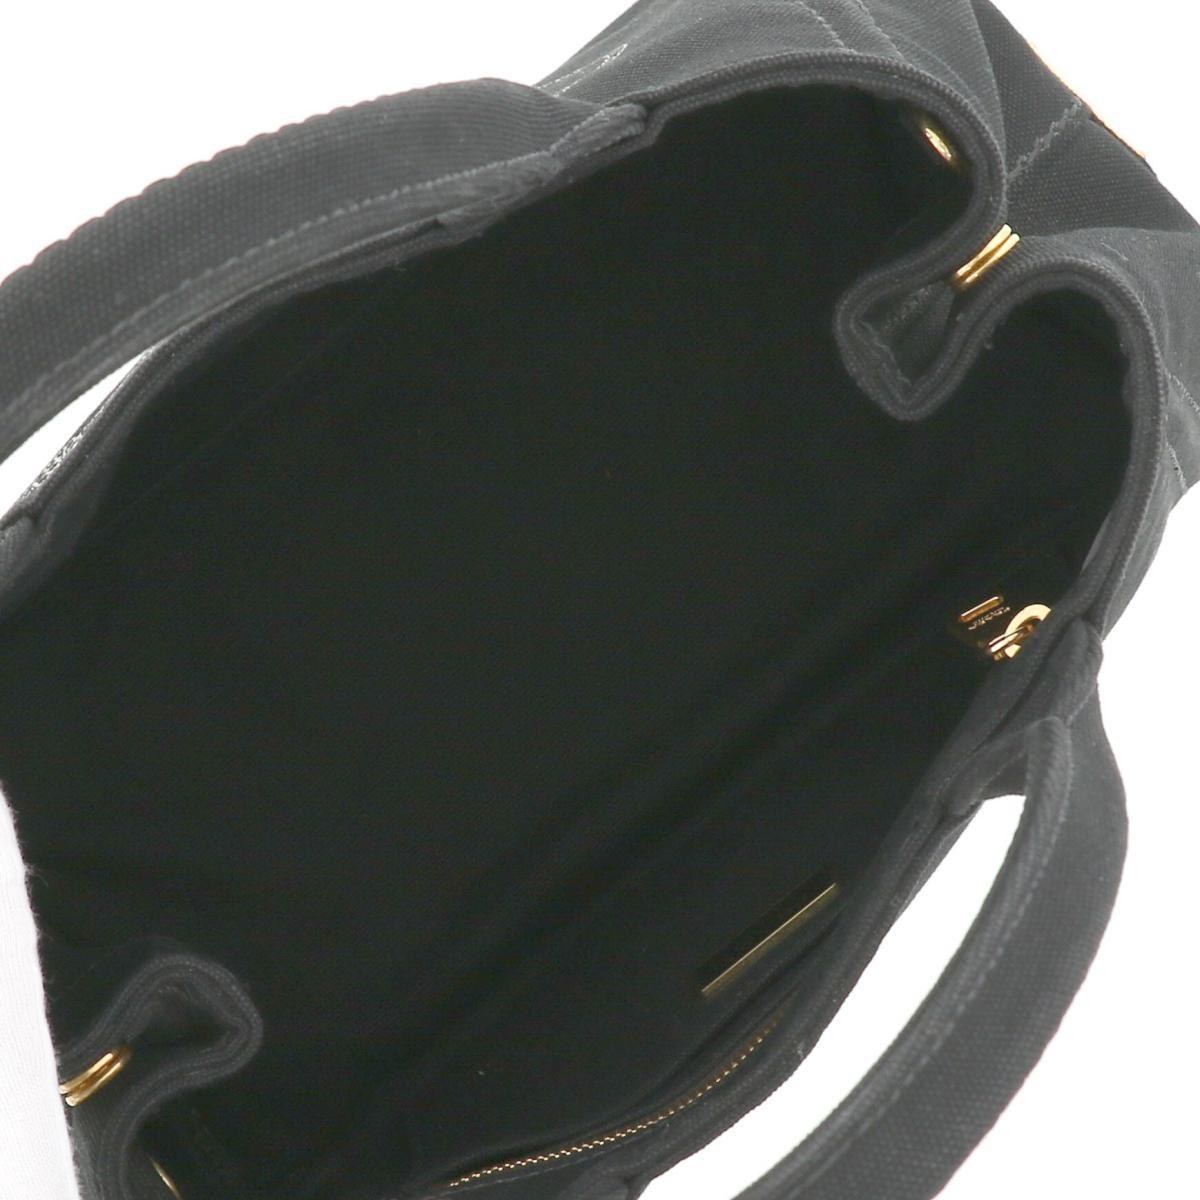 【中古】PRADA プラダ カナパ ミニ 2WAY バッグ バッグ ショルダーバッグ/ハンドバッグ CANAPA Black/ブラック 1BG439 used:Back/ブラック 1BG439 used:B